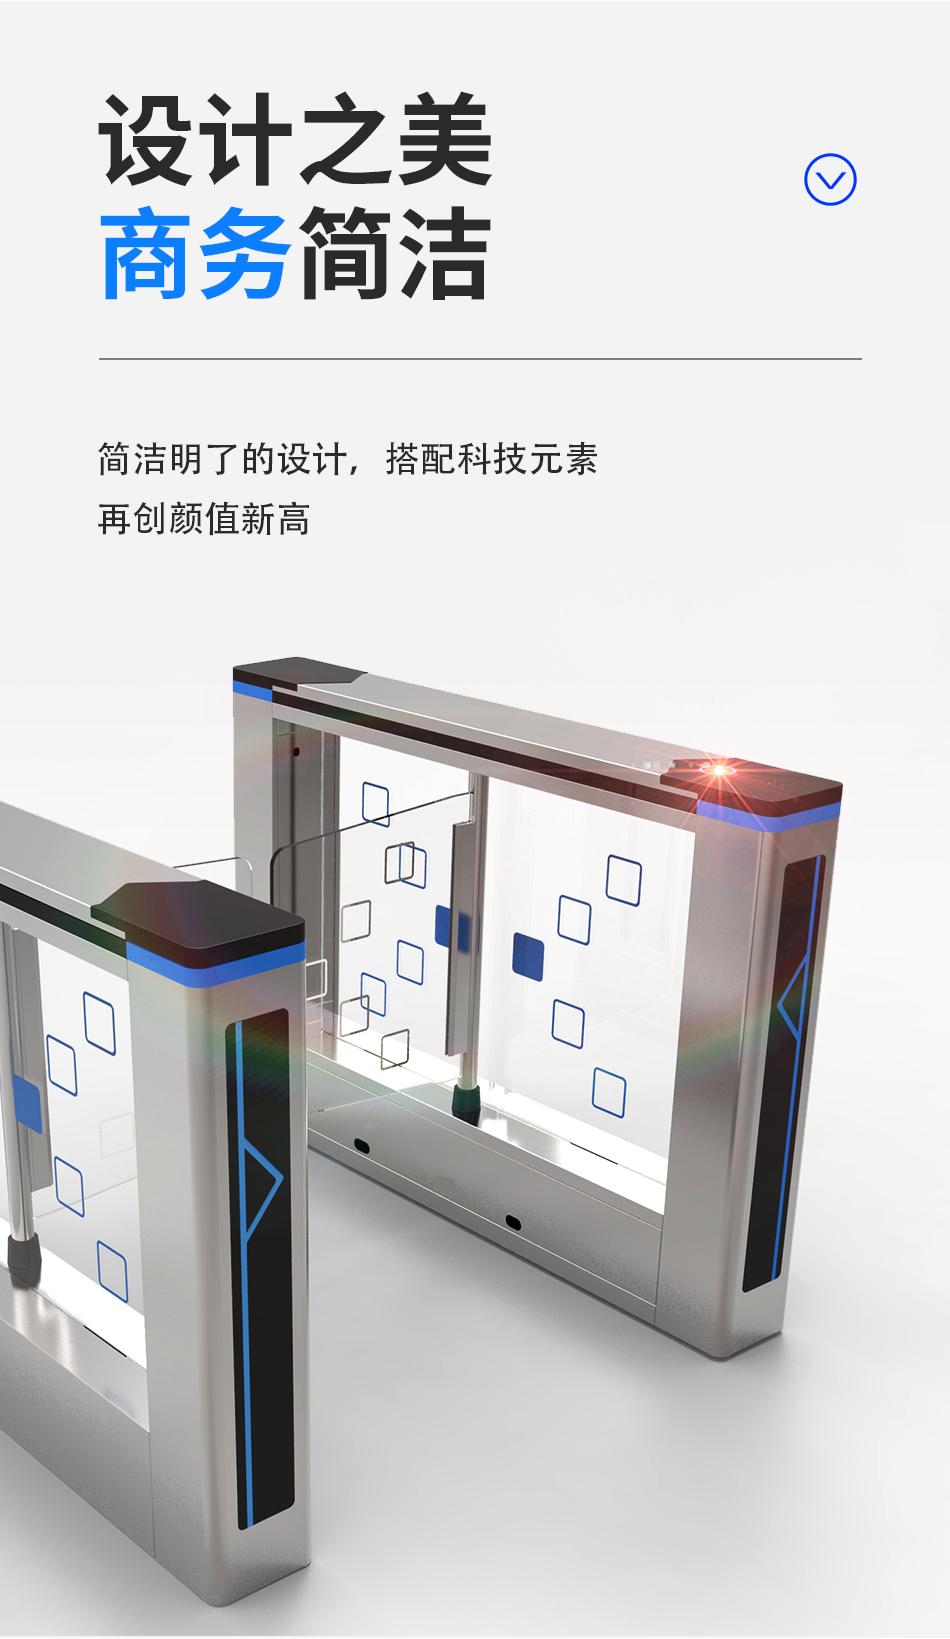 门禁通道闸,门禁闸机,通道闸设计之美商务简洁